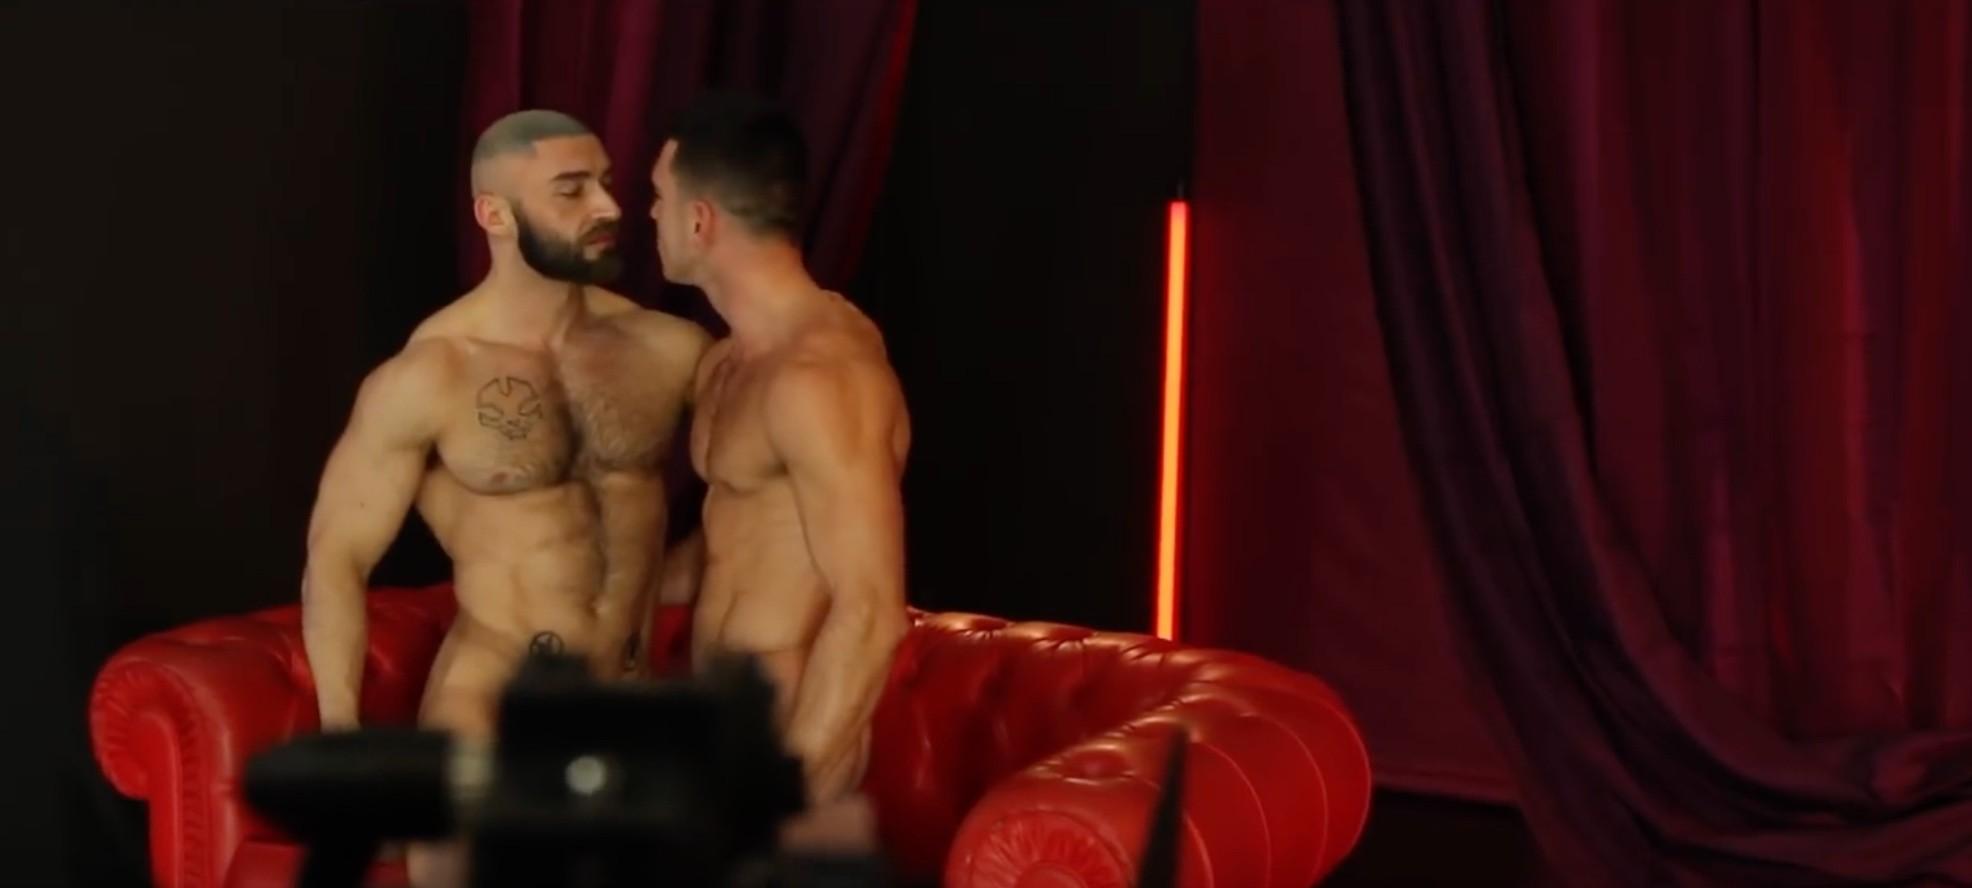 ενδιαφέρον γκέι πορνό Ebony τραβεστί όργιο